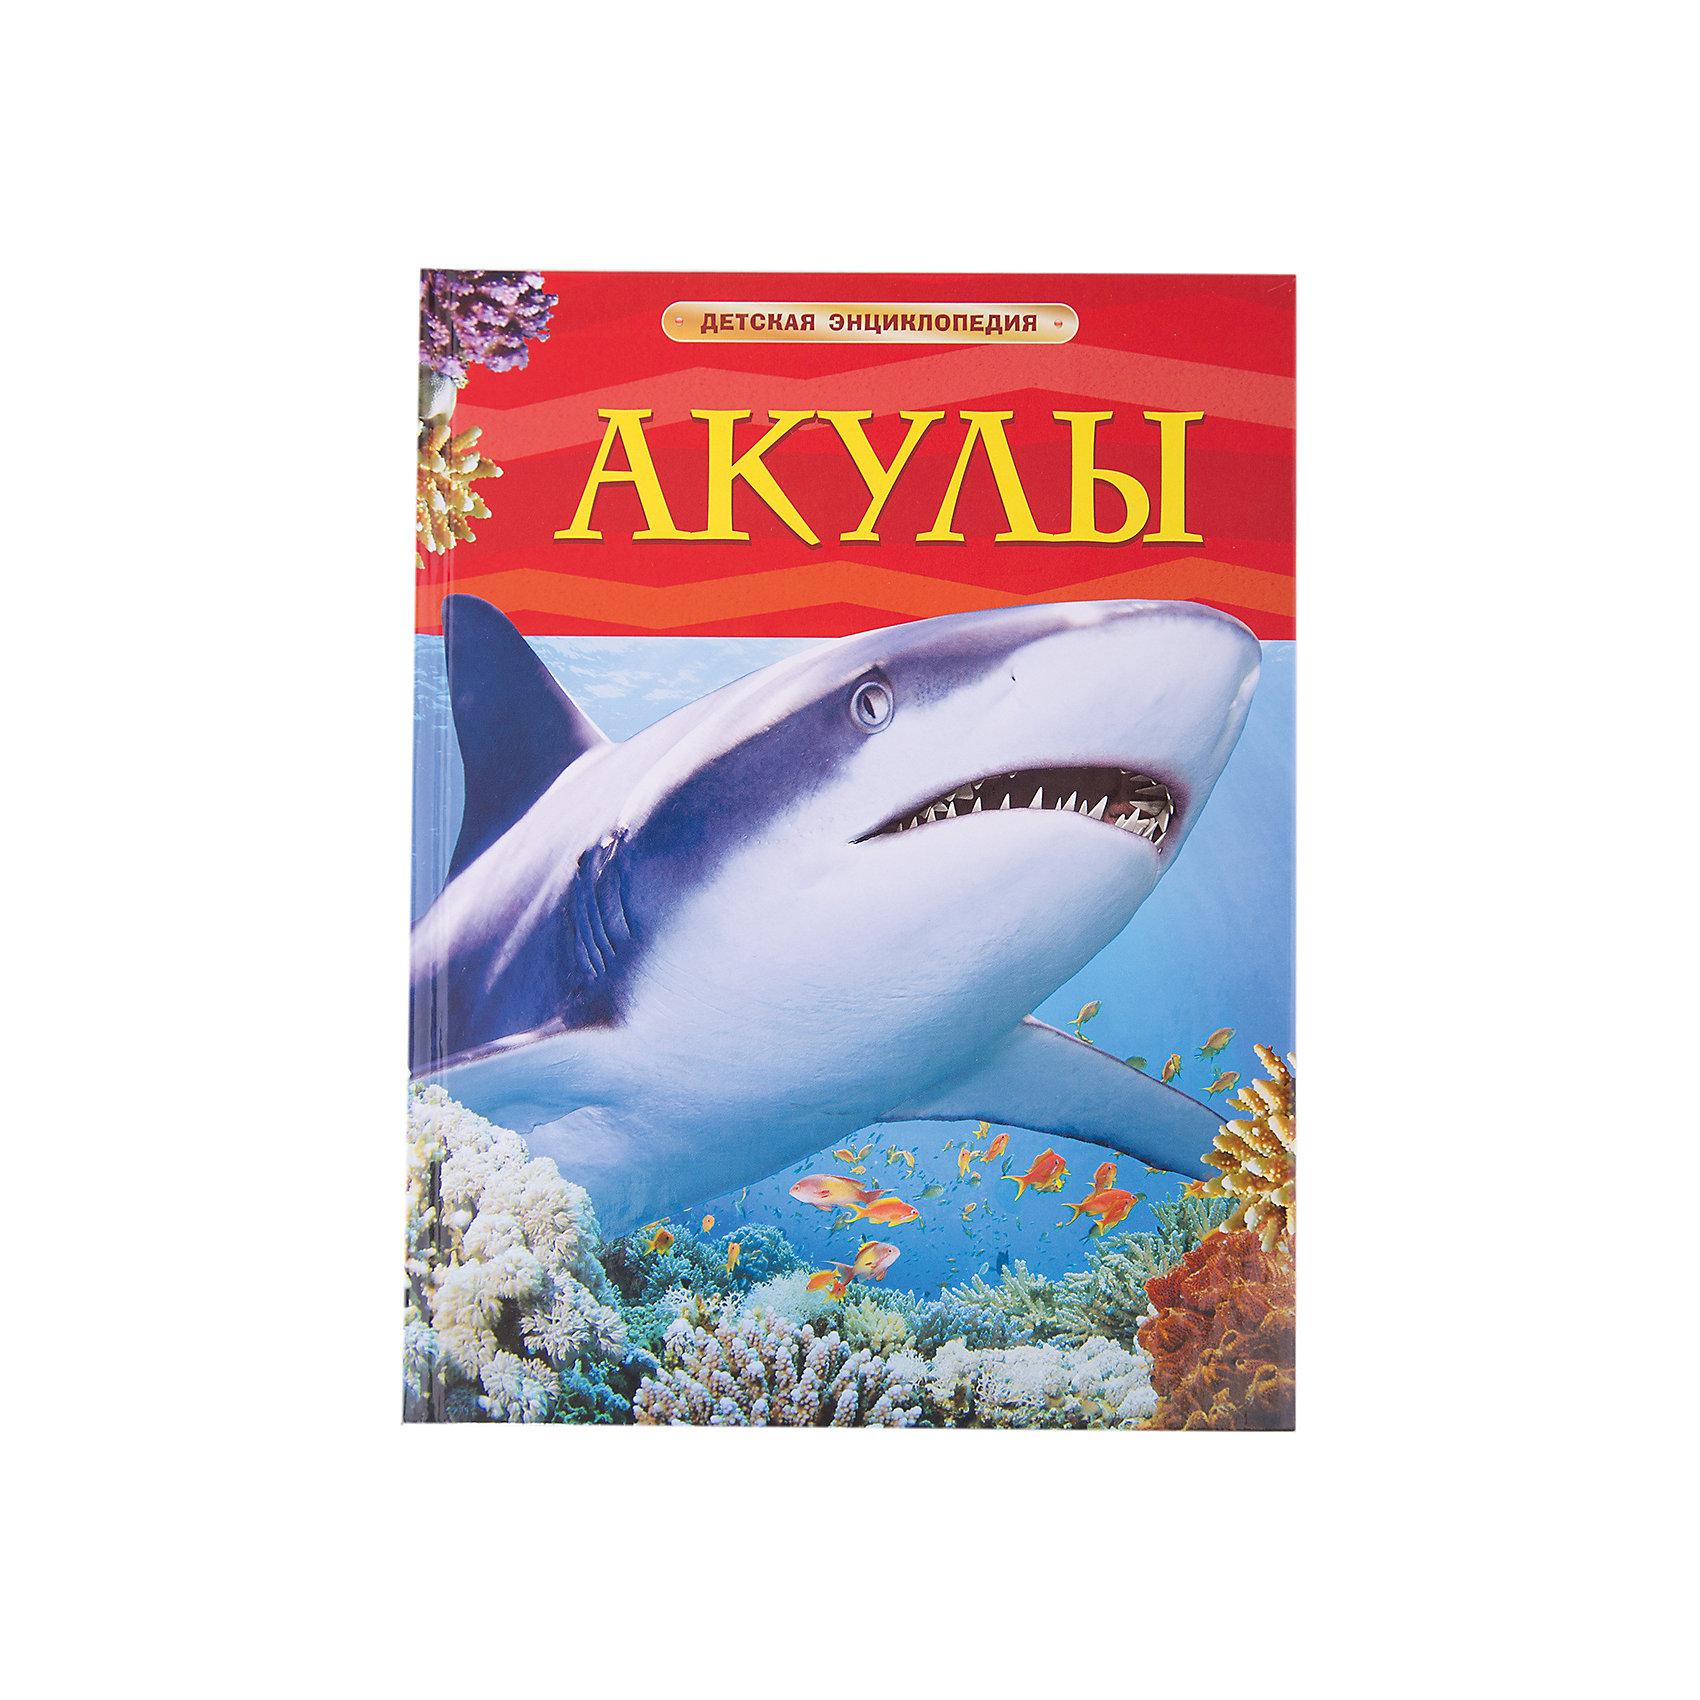 Детская энциклопедия АкулыЭнциклопедии о животных<br>Эта красочная детская энциклопедия посвящена таинственным и опасным рыбам – акулам. Здесь есть информация о самых разных видах акул, их образе жизни, повадках.<br><br>Из книги можно узнать, как плавают данные хищники, как воспринимают окружающий мир, чем дышат, как едят, как охотятся и размножаются. В издании собраны самые интересные факты об этих удивительных животных.<br><br>Расширяй свой кругозор и становись эрудитом вместе с детскими энциклопедиями от Росмэн!<br><br><br>Дополнительная информация:<br><br>- Автор: Миллер Д. Ш.<br>- Иллюстрации: цветные<br>- Год выпуска: 2012<br>- Формат: 196 x 255 мм<br>- Вес: 380 г<br>- Количество страниц: 64<br>- ISBN: 978-5-353-05752-9<br><br>Ширина мм: 265<br>Глубина мм: 202<br>Высота мм: 9<br>Вес г: 380<br>Возраст от месяцев: 60<br>Возраст до месяцев: 84<br>Пол: Унисекс<br>Возраст: Детский<br>SKU: 3177473